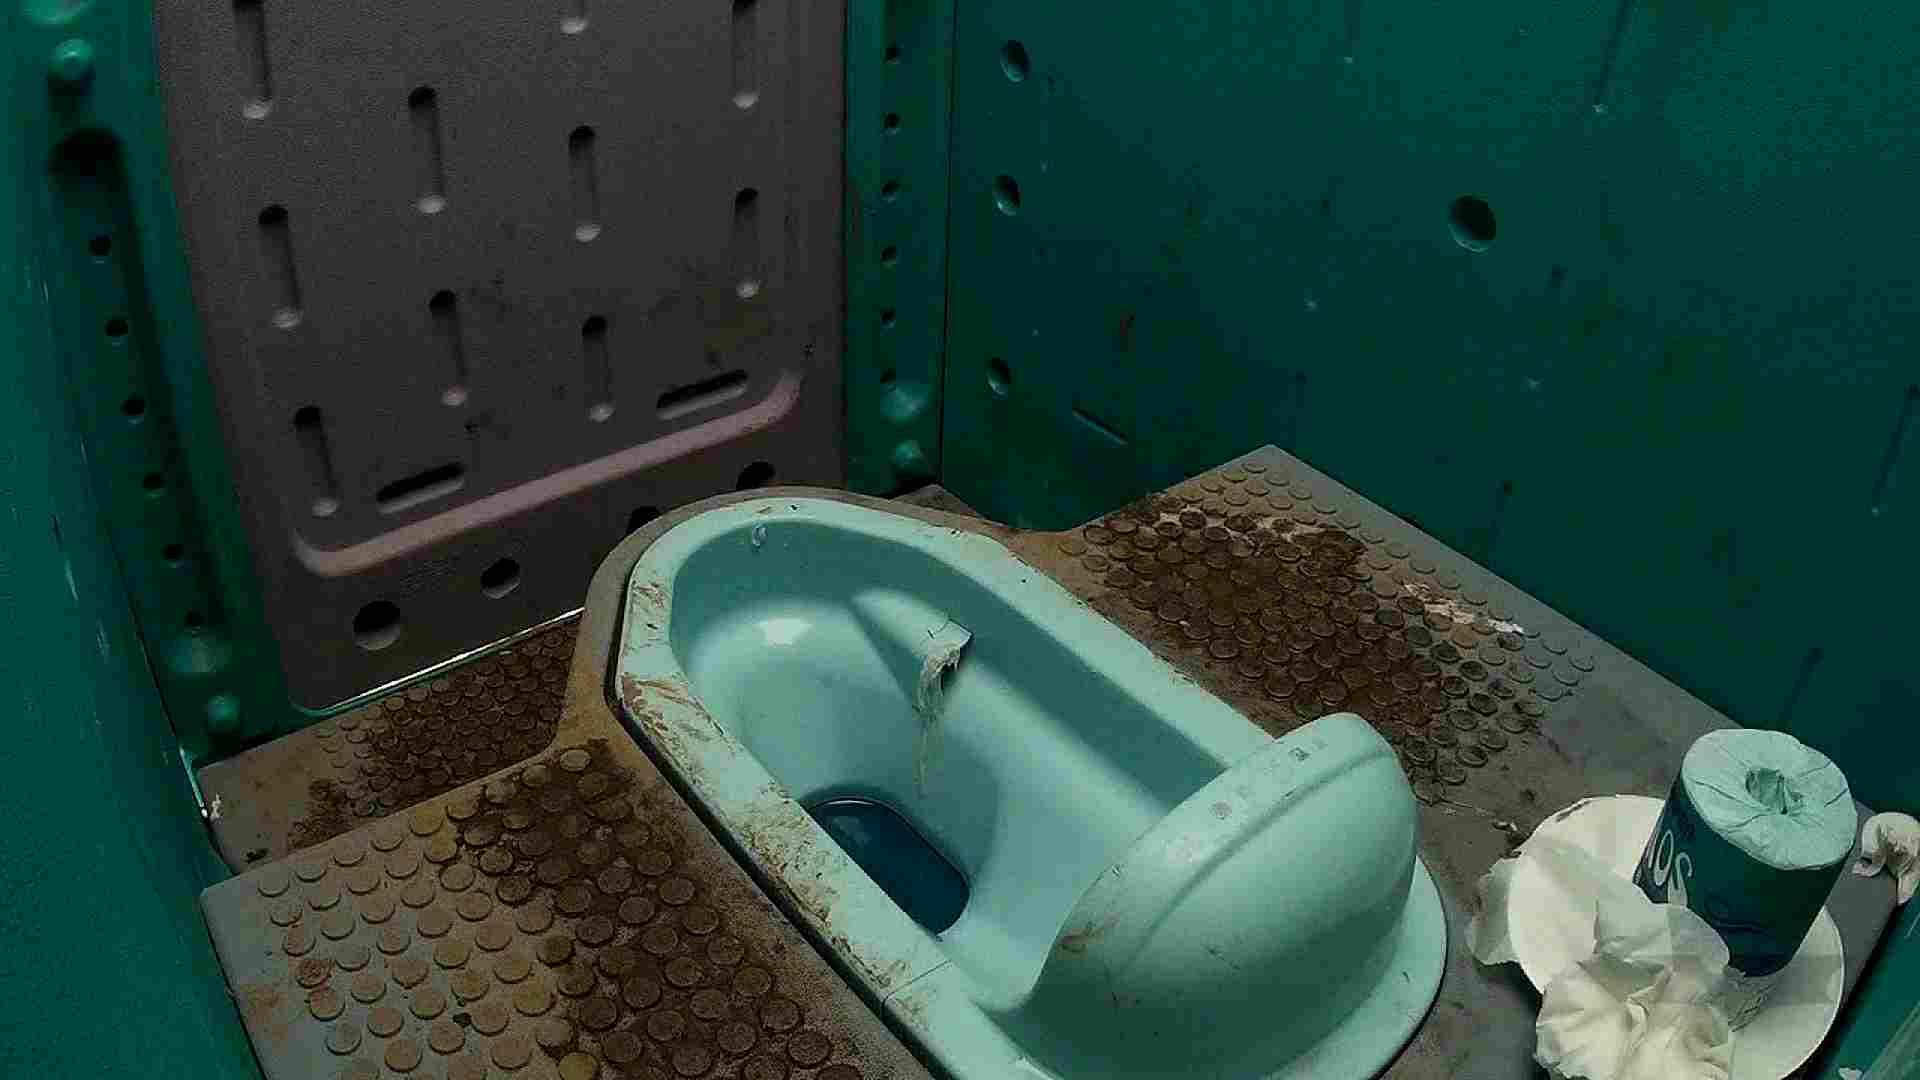 痴態洗面所 Vol.08 たっぷり汚トイレ 洗面所  9連発 3